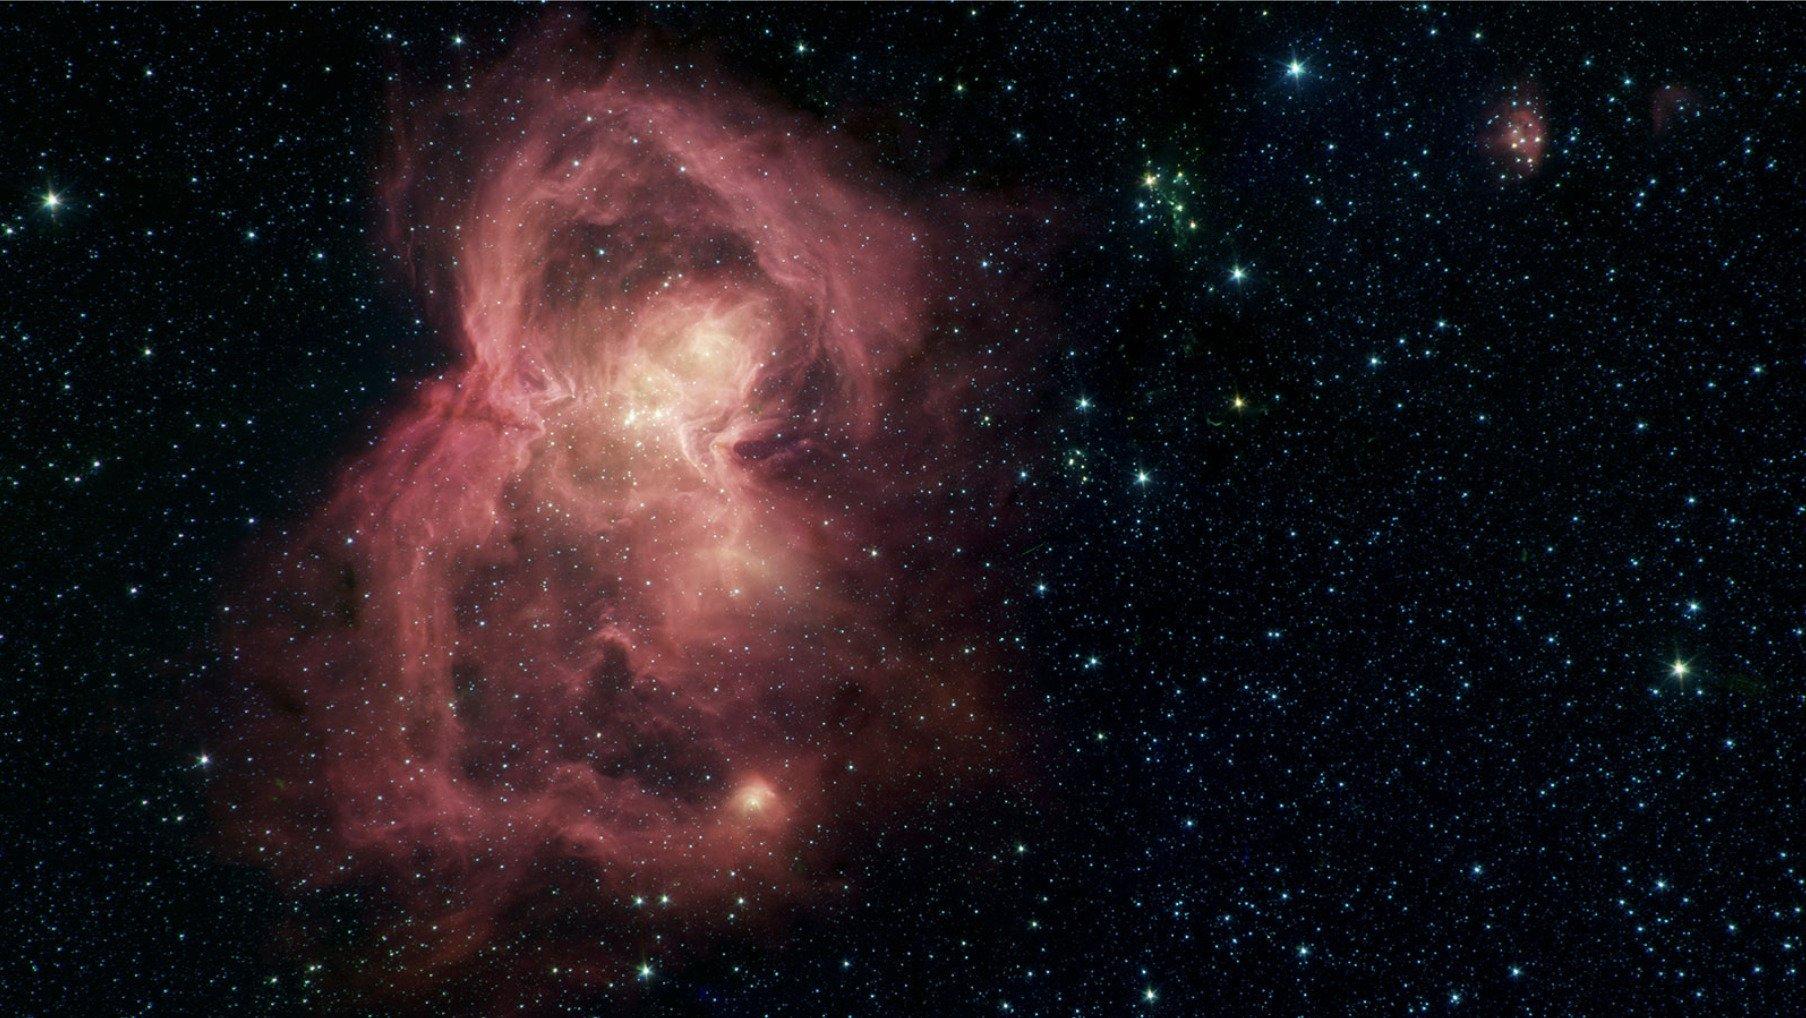 La imagen de la nebulosa W40 que parece una 'mariposa roja espacial' difundida por el Laboratorio de Propulsíón a Chorro de la NASA, ubicado en California (Twitter/@NASAspitzer)